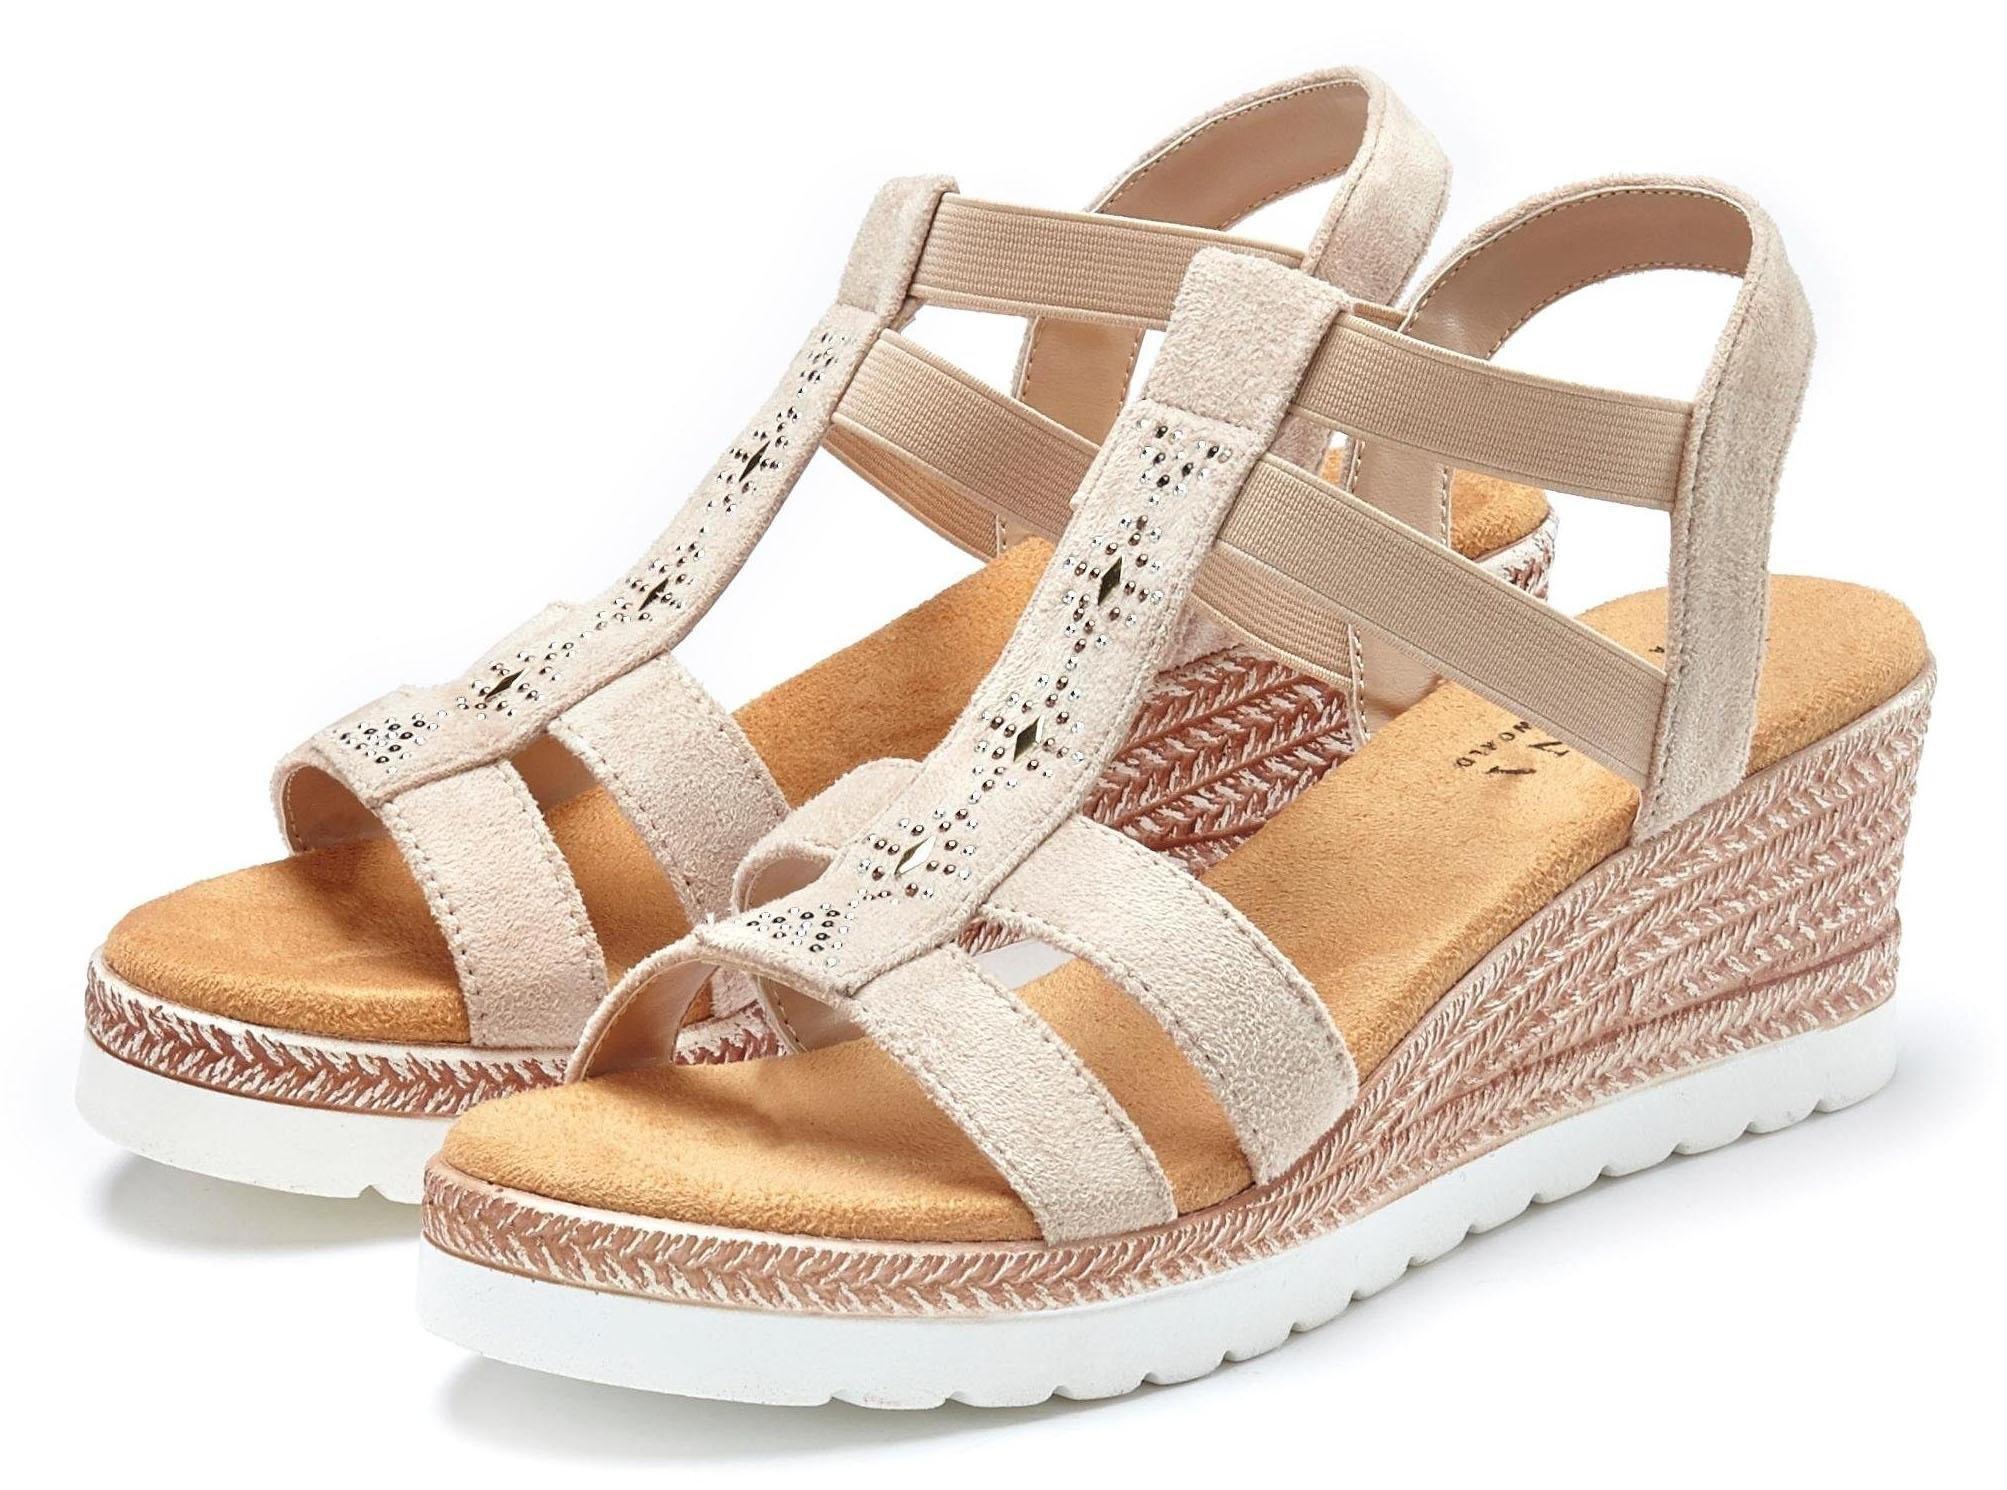 Lascana sandaaltjes met sleehak en decoratieve siersteentjes online kopen op lascana.nl